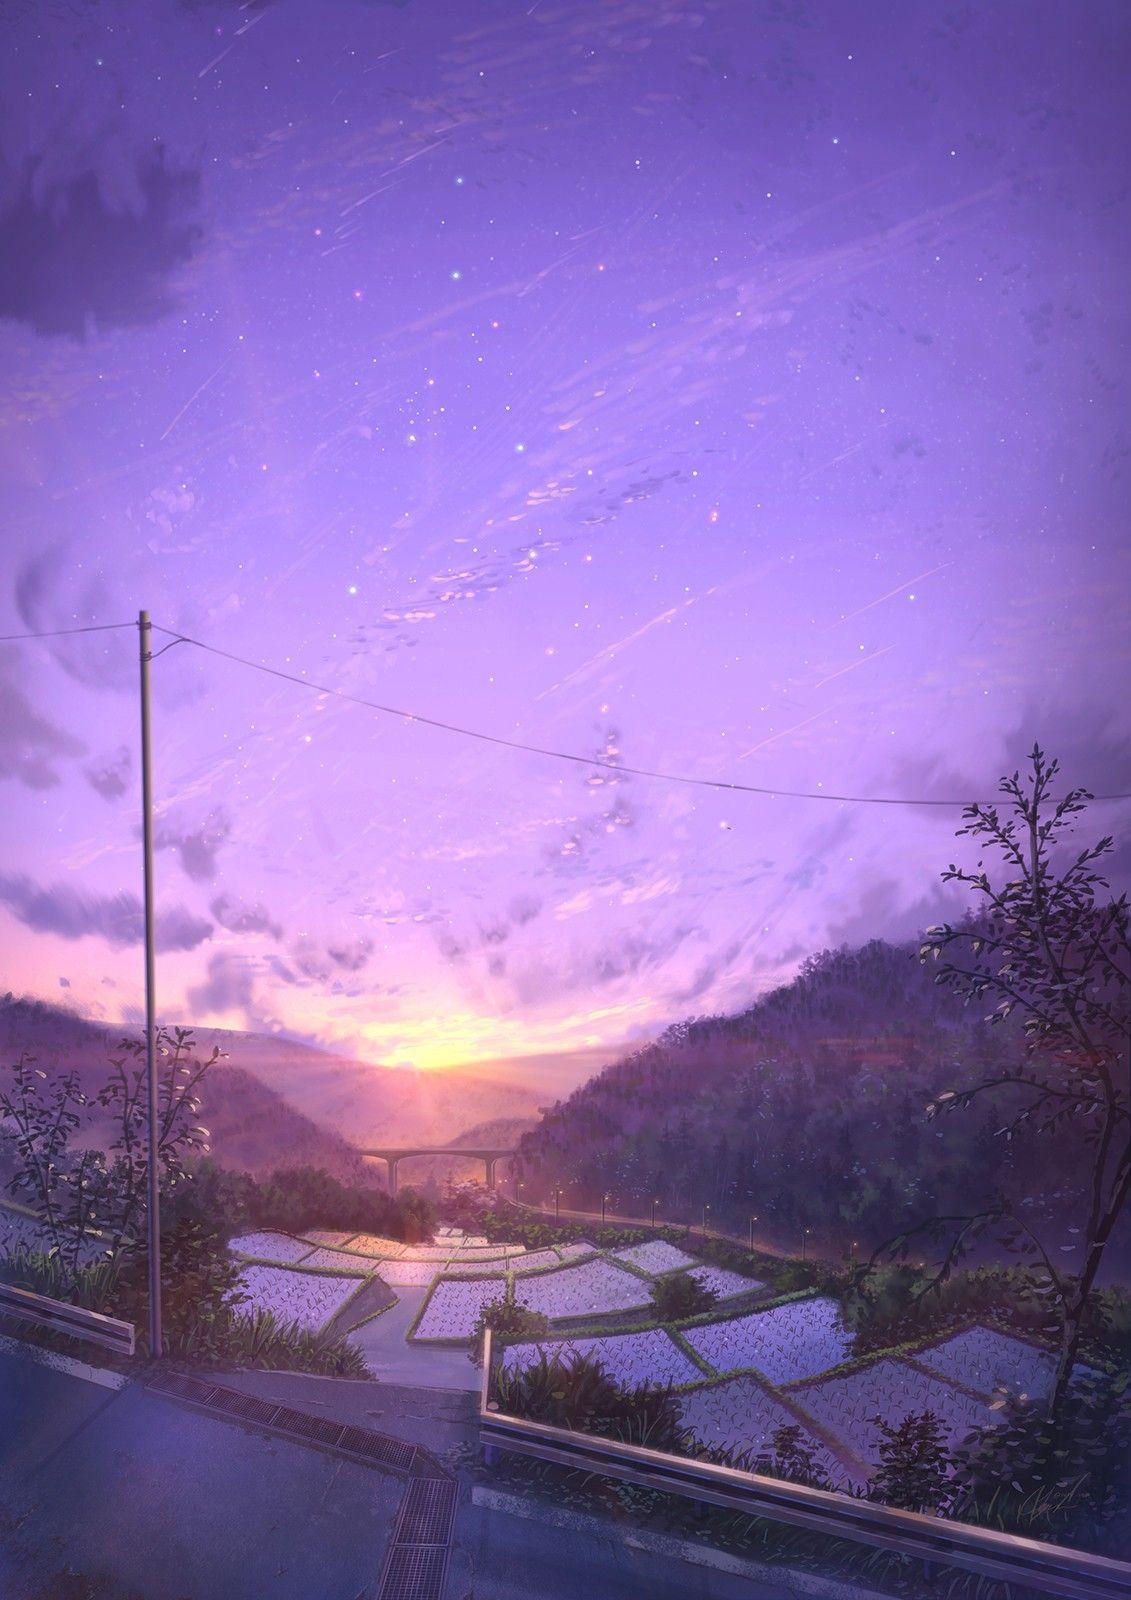 Aesthetic Anime Sunset Wallpaper